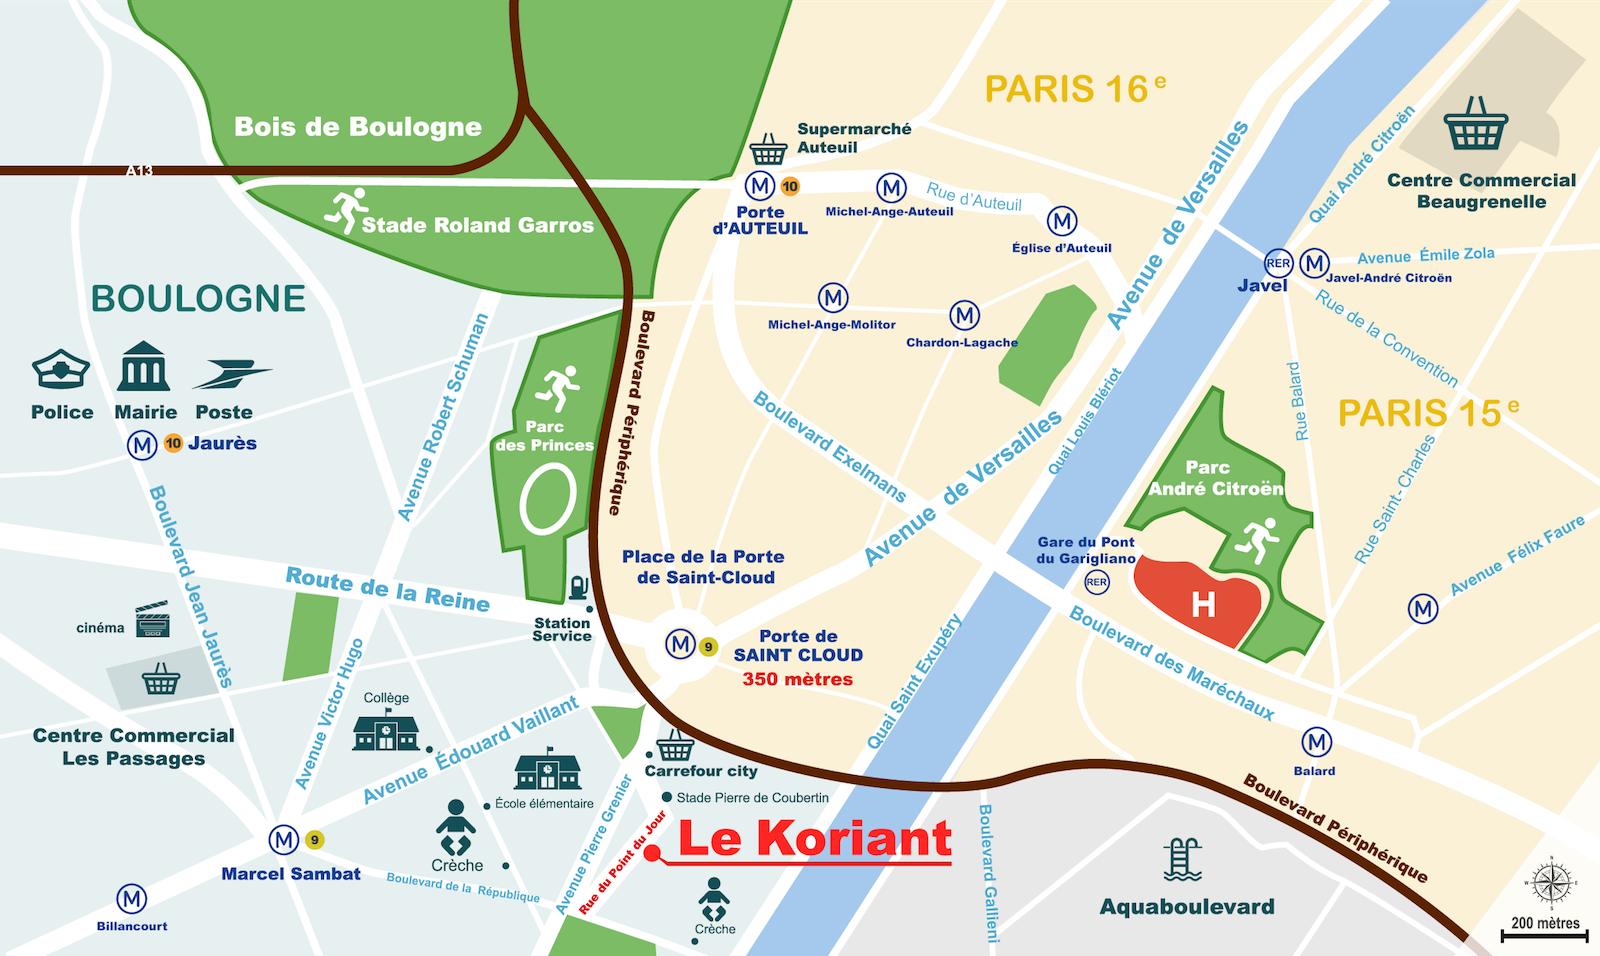 Plan Le Koriant, 52 rue du Point du Jour, Boulogne-Billacourt, Esprimm